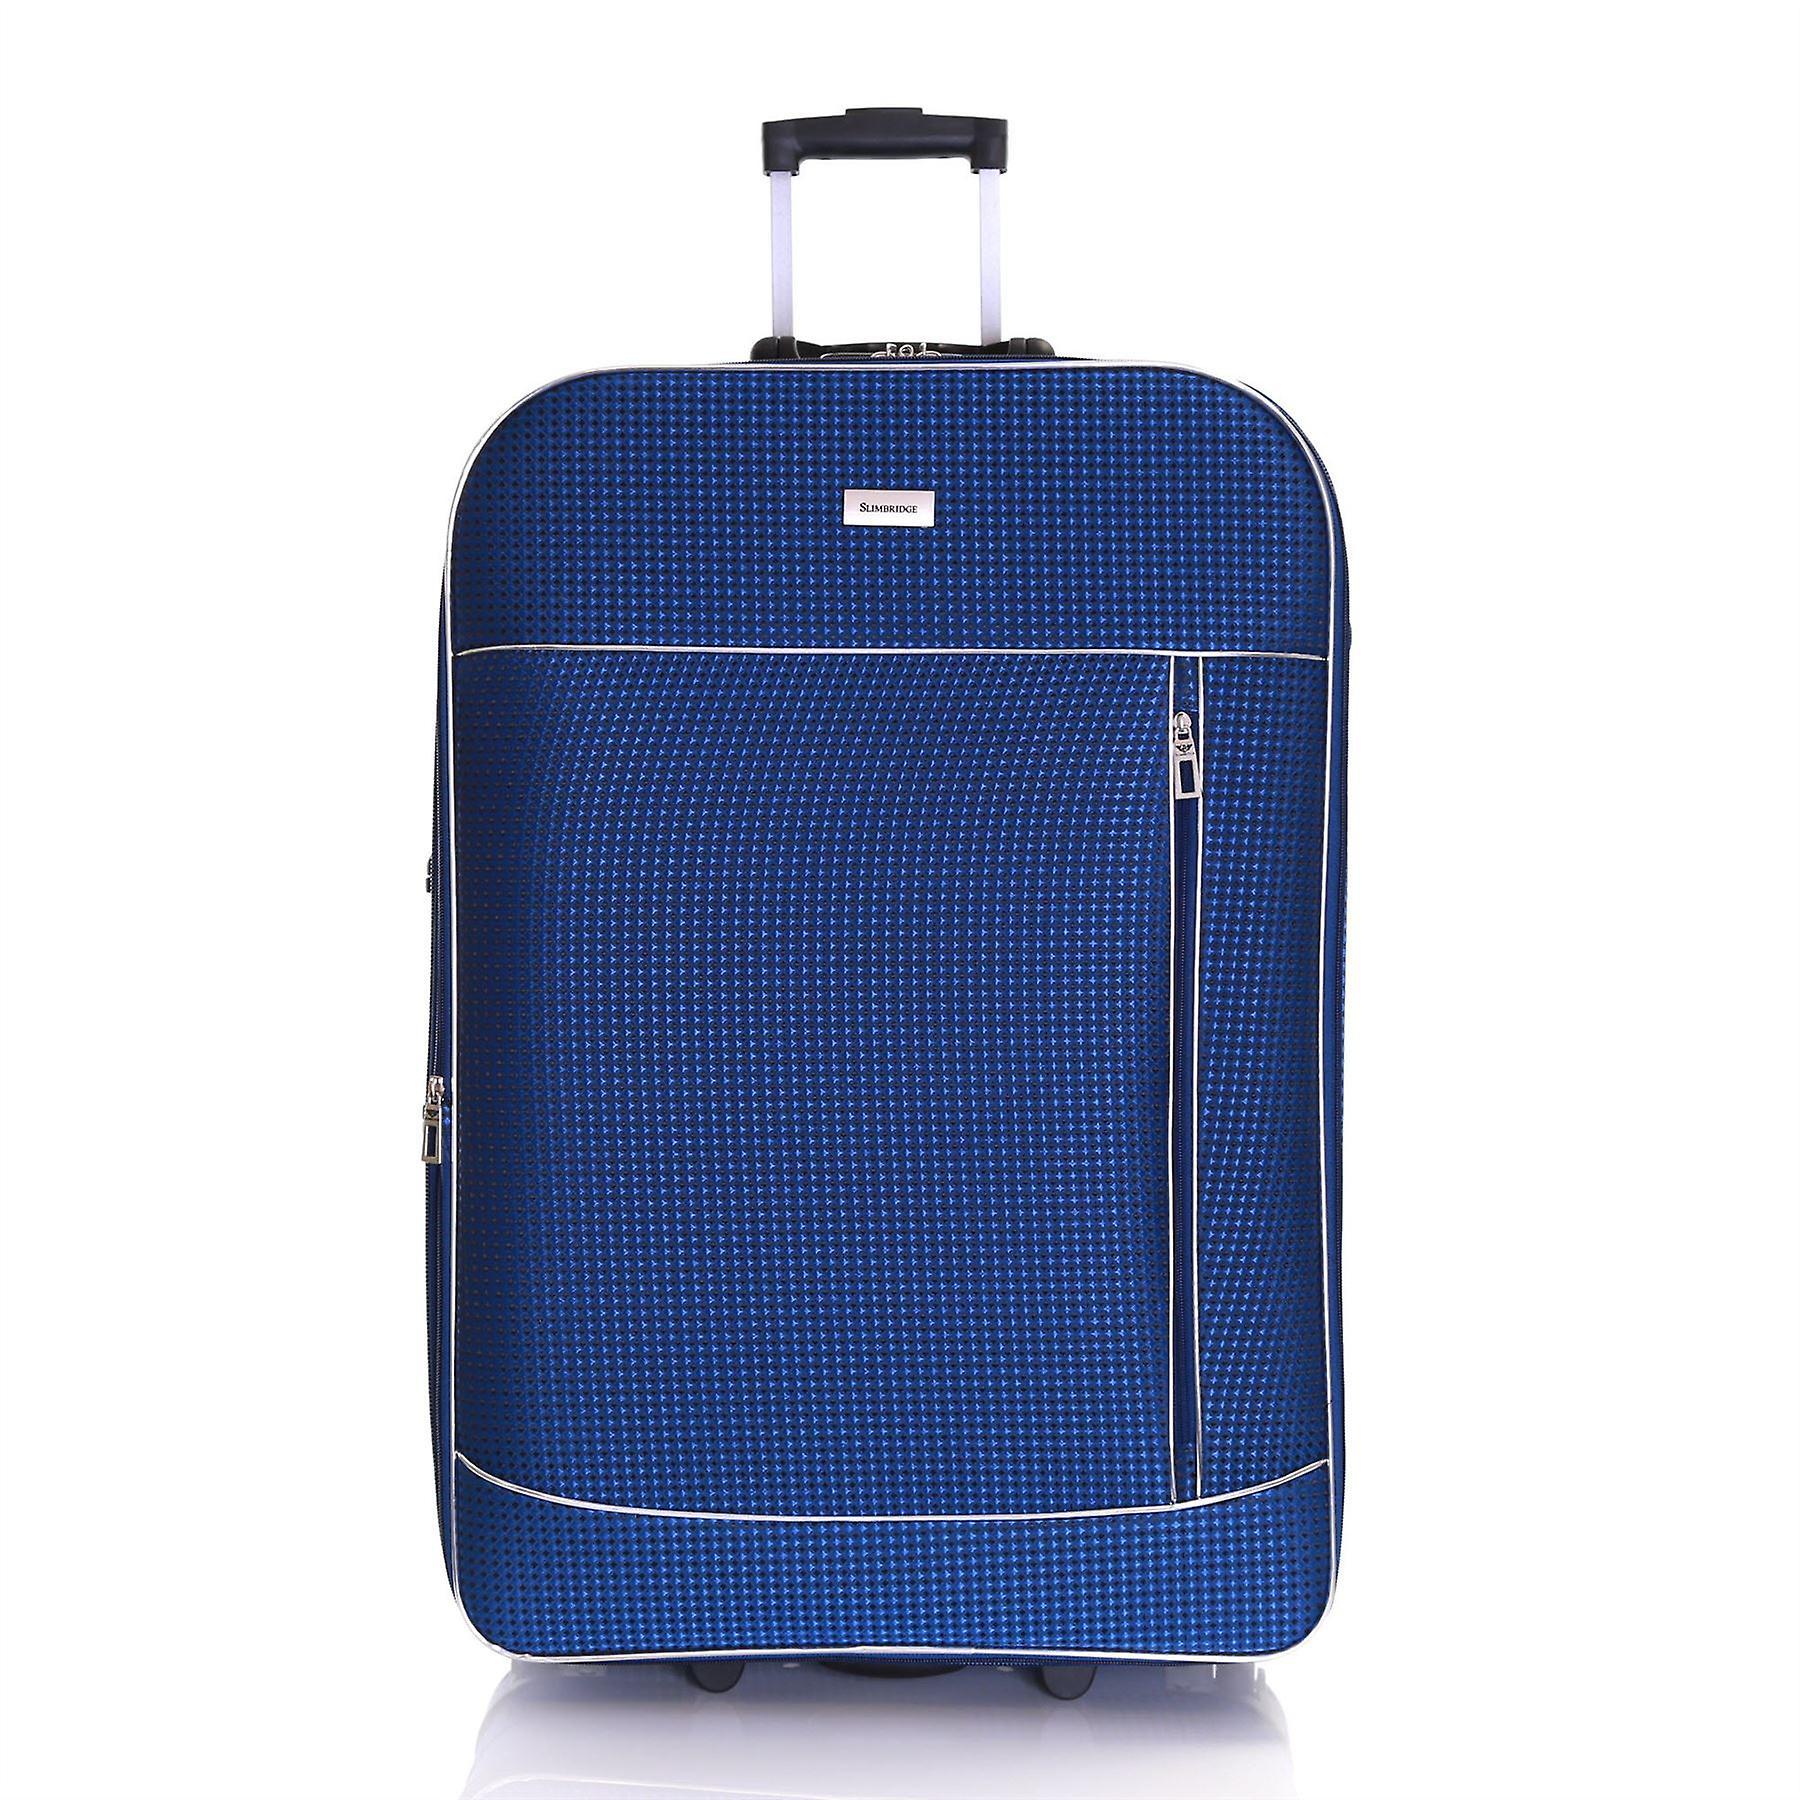 Slimbridge Rennes XL 77 cm Expandable Suitcase, Navy